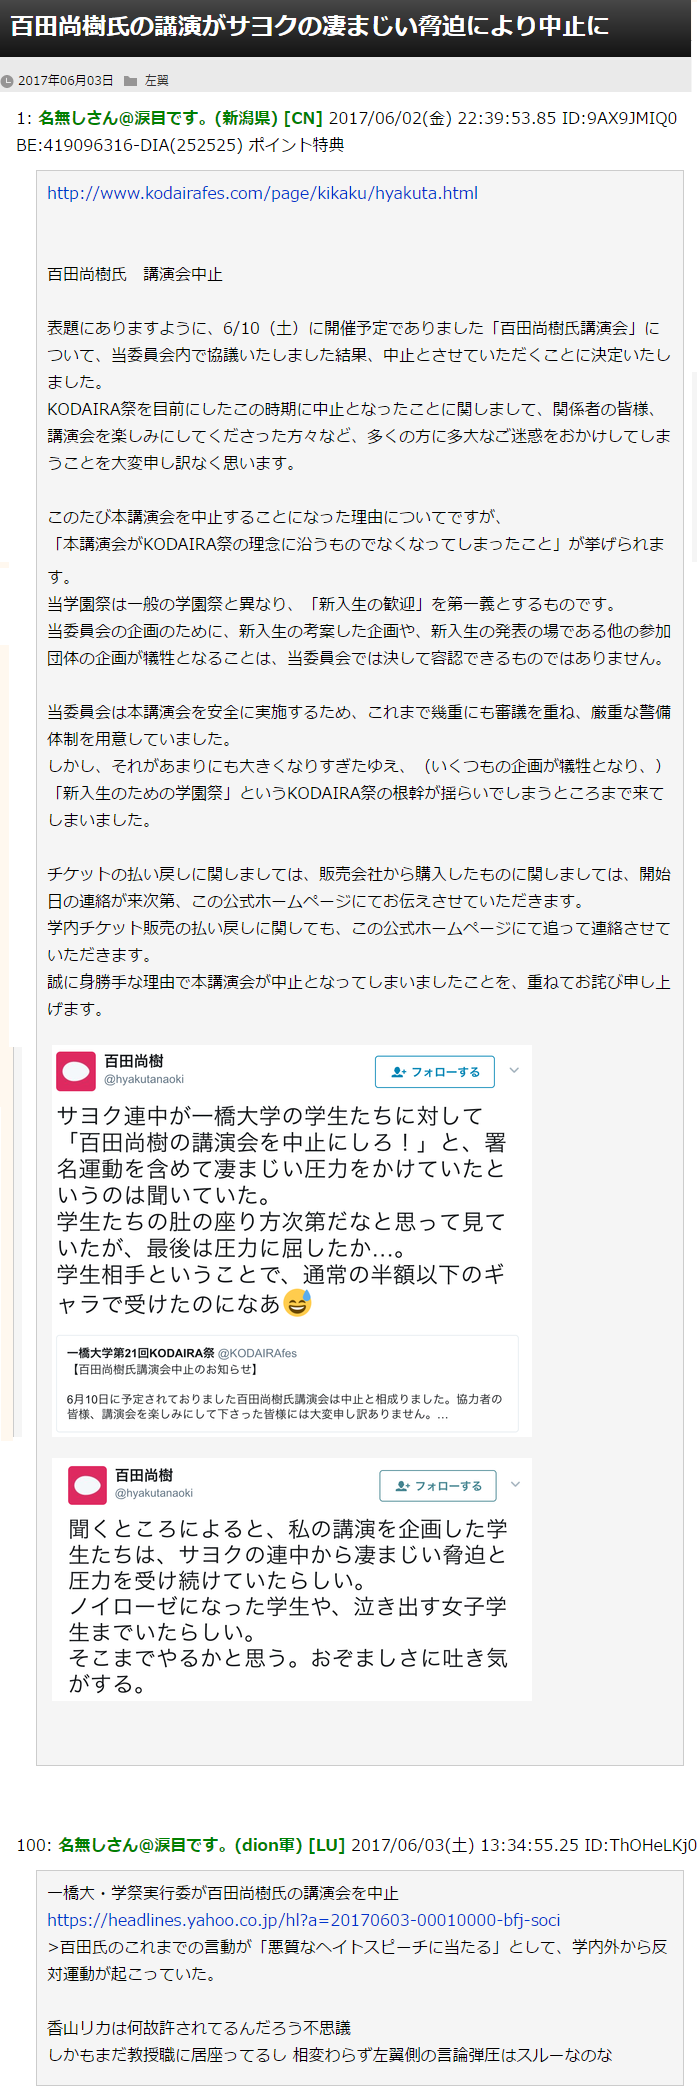 一橋大の百田尚樹氏講演会がアカチョンによる脅迫・恫喝で中止に